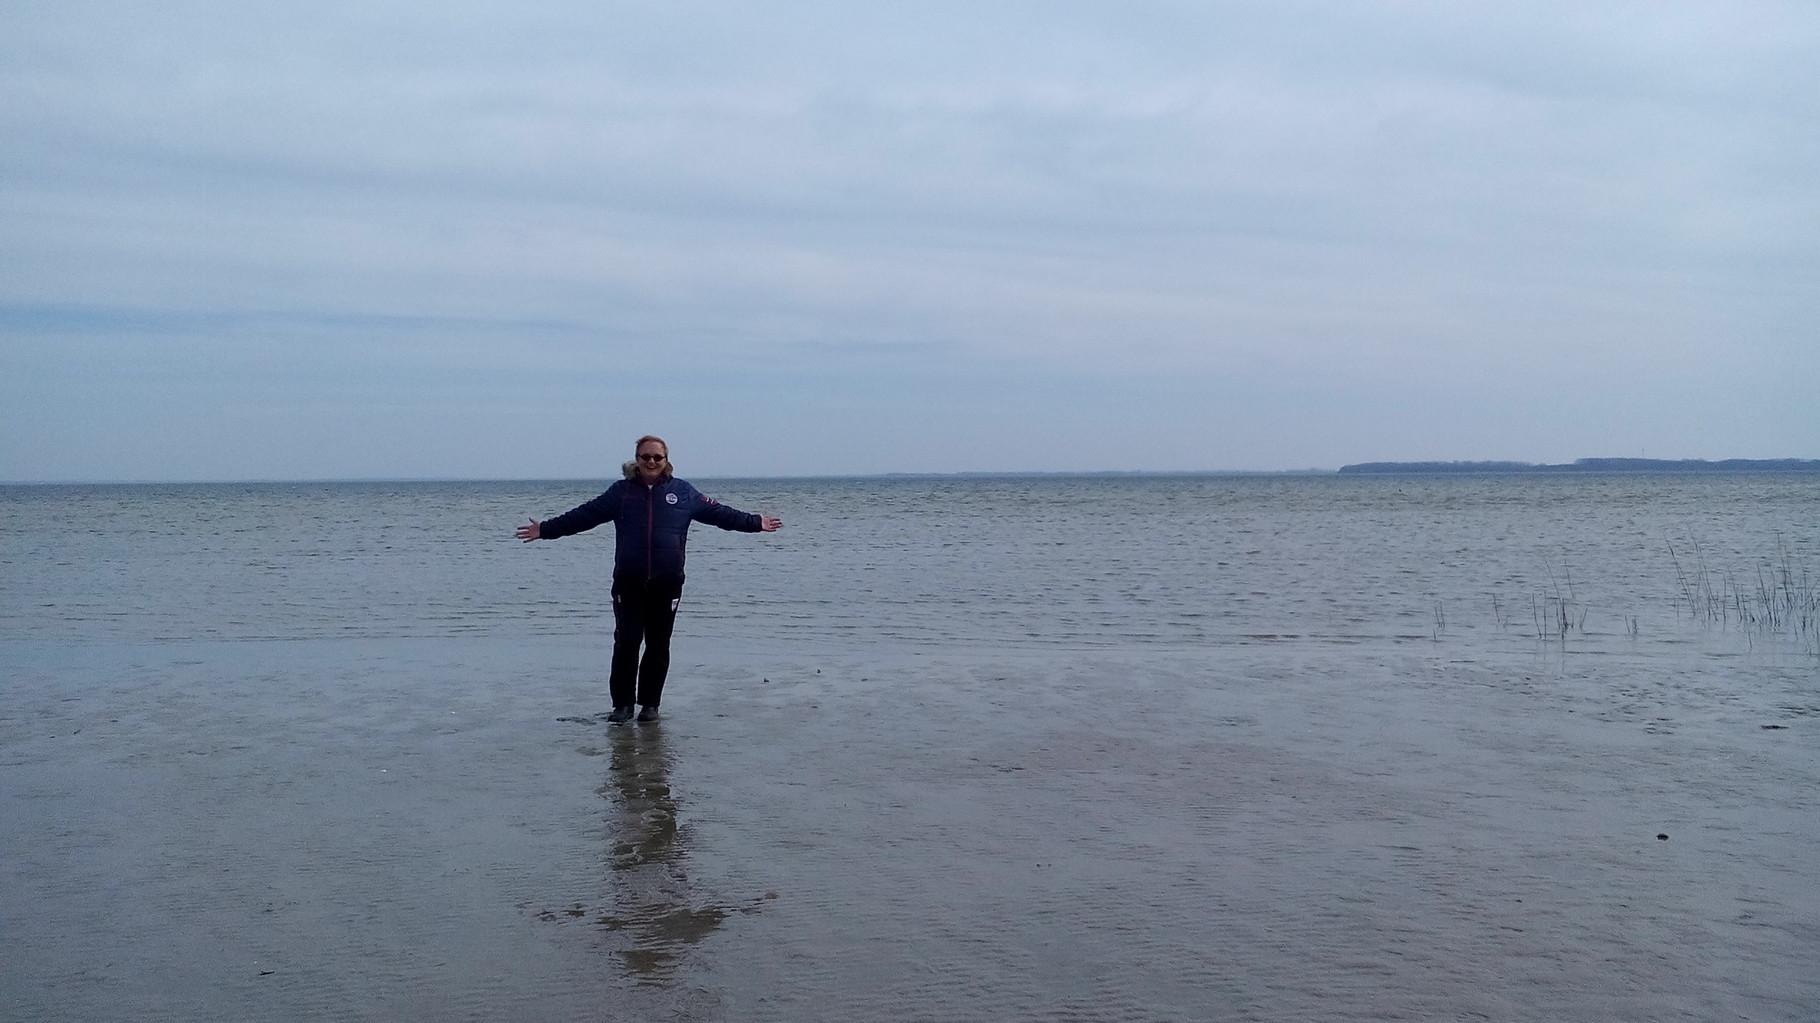 Jipiehhhhh endlich am Wasser